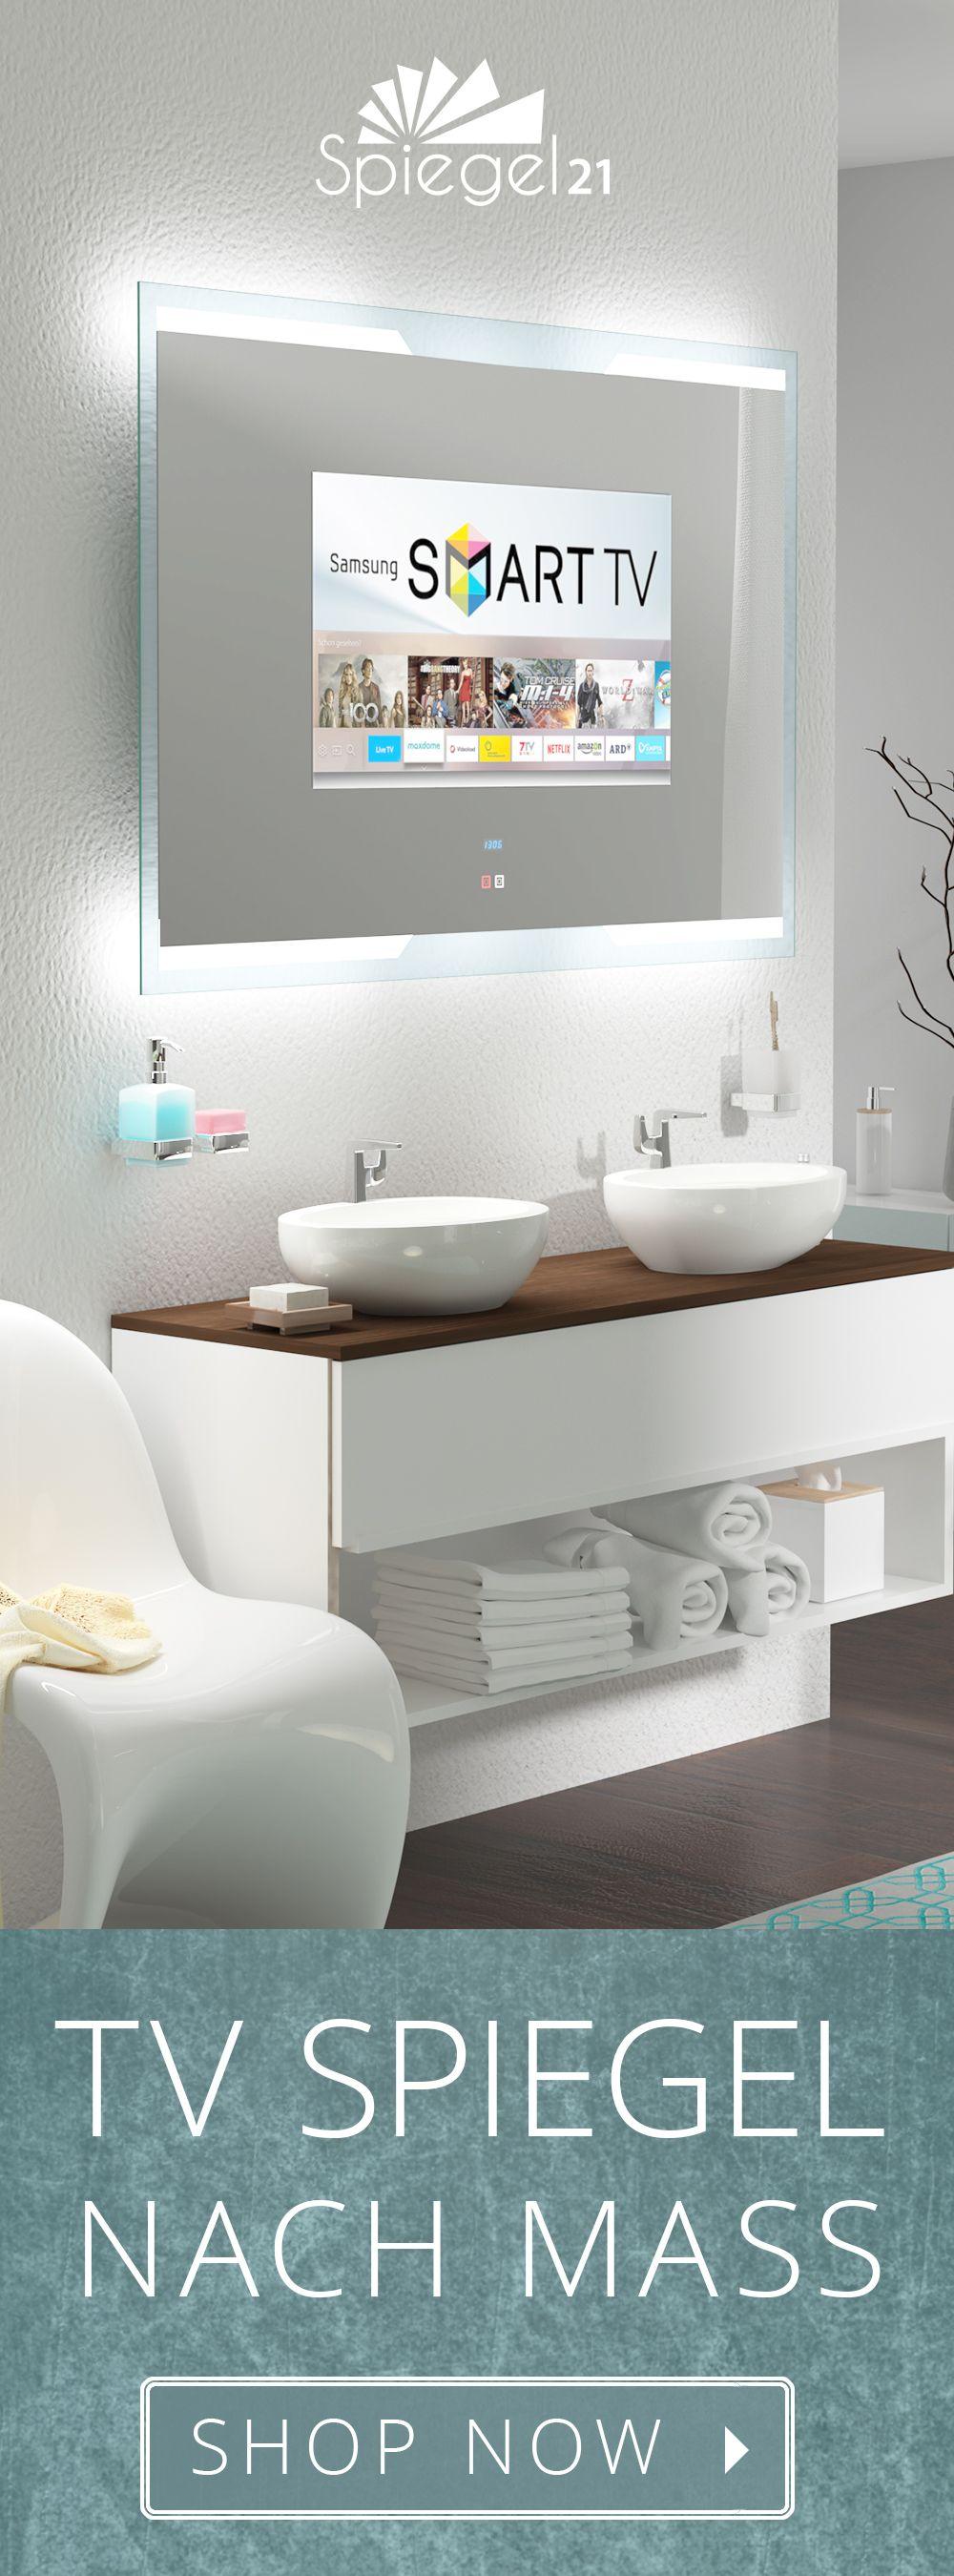 (Bain) miroir avec Smart TV 15,6 à 40 pouces // miroir de salle de bain avec télévision sur mesure